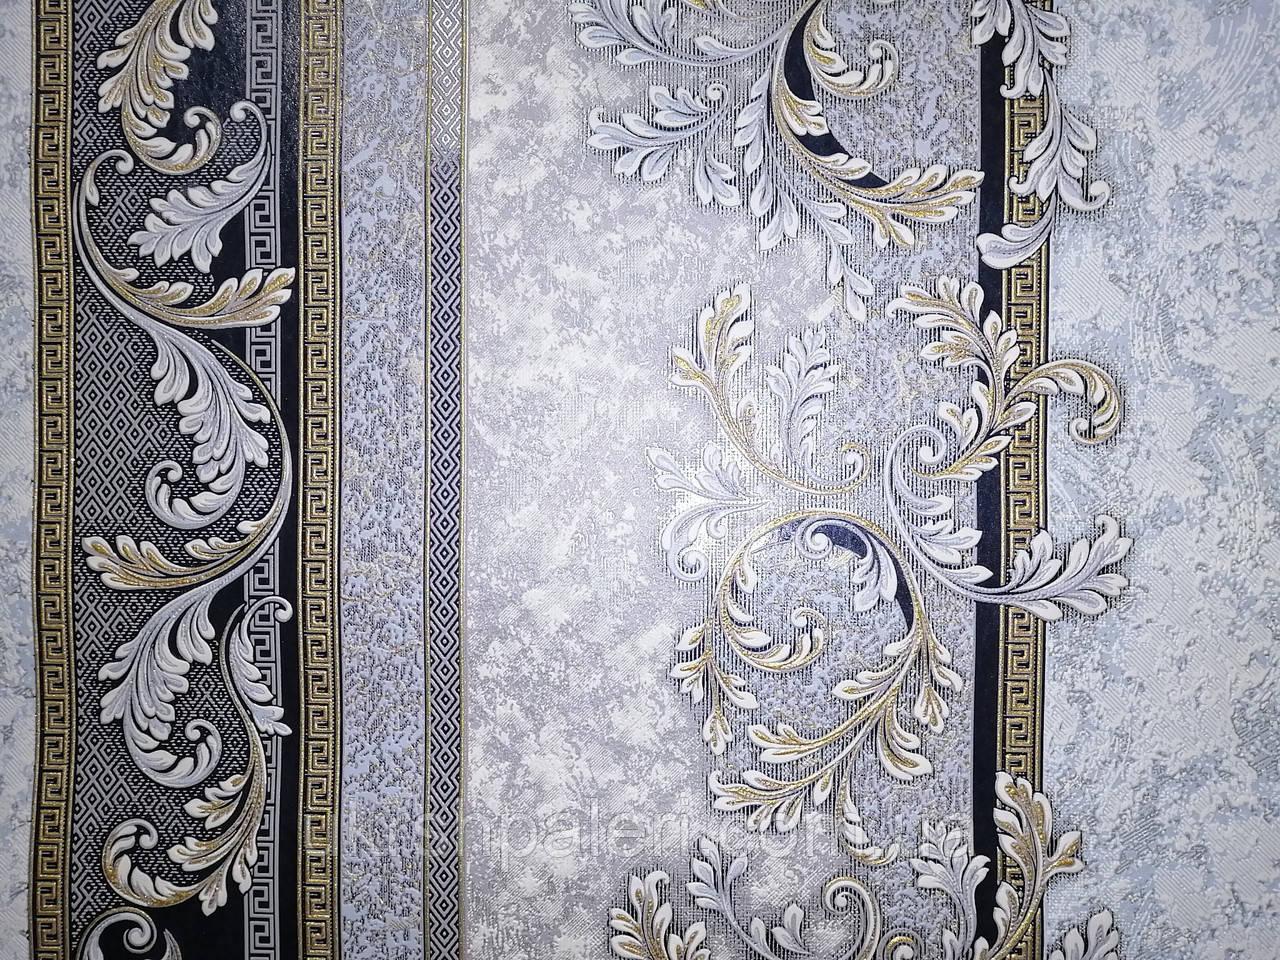 Обои 3673-03 виниловые на флизелиновой основе ширина 1.06,в рулоне 5 полос по 3 метра.